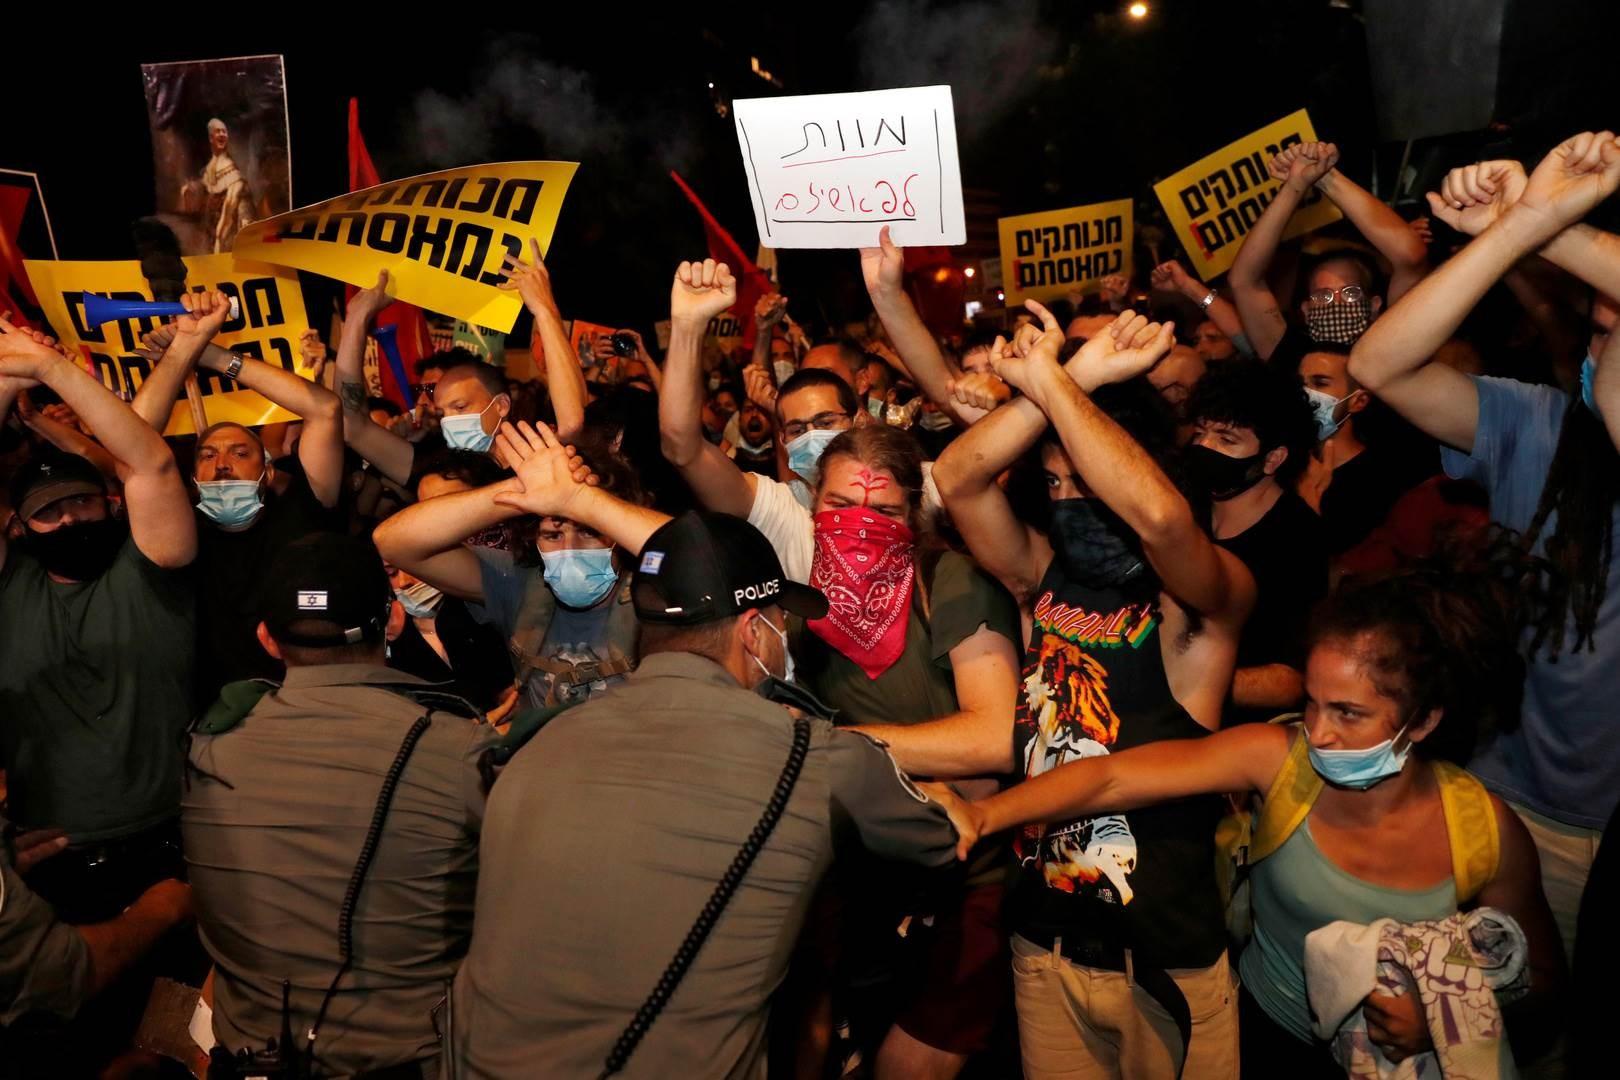 الإسرائيليون يتظاهرون للمطالبة باستقالة نتنياهو